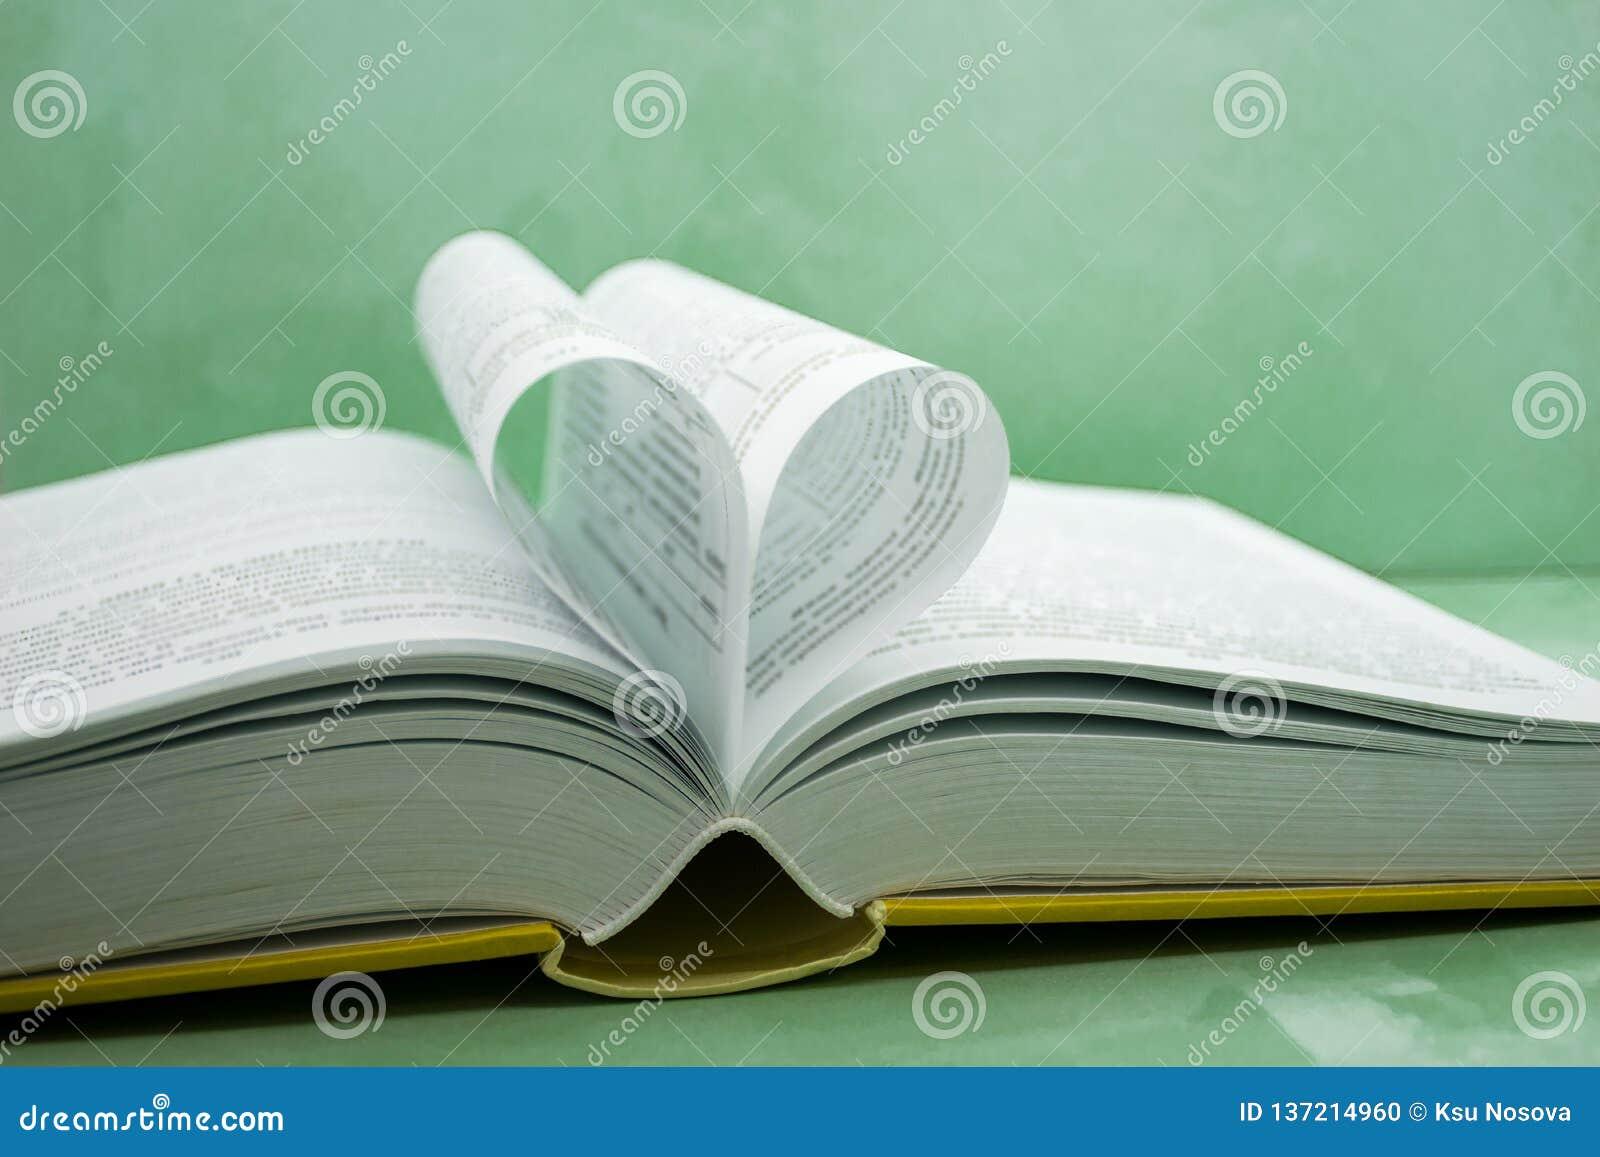 Pages krökt hjärta för boken form